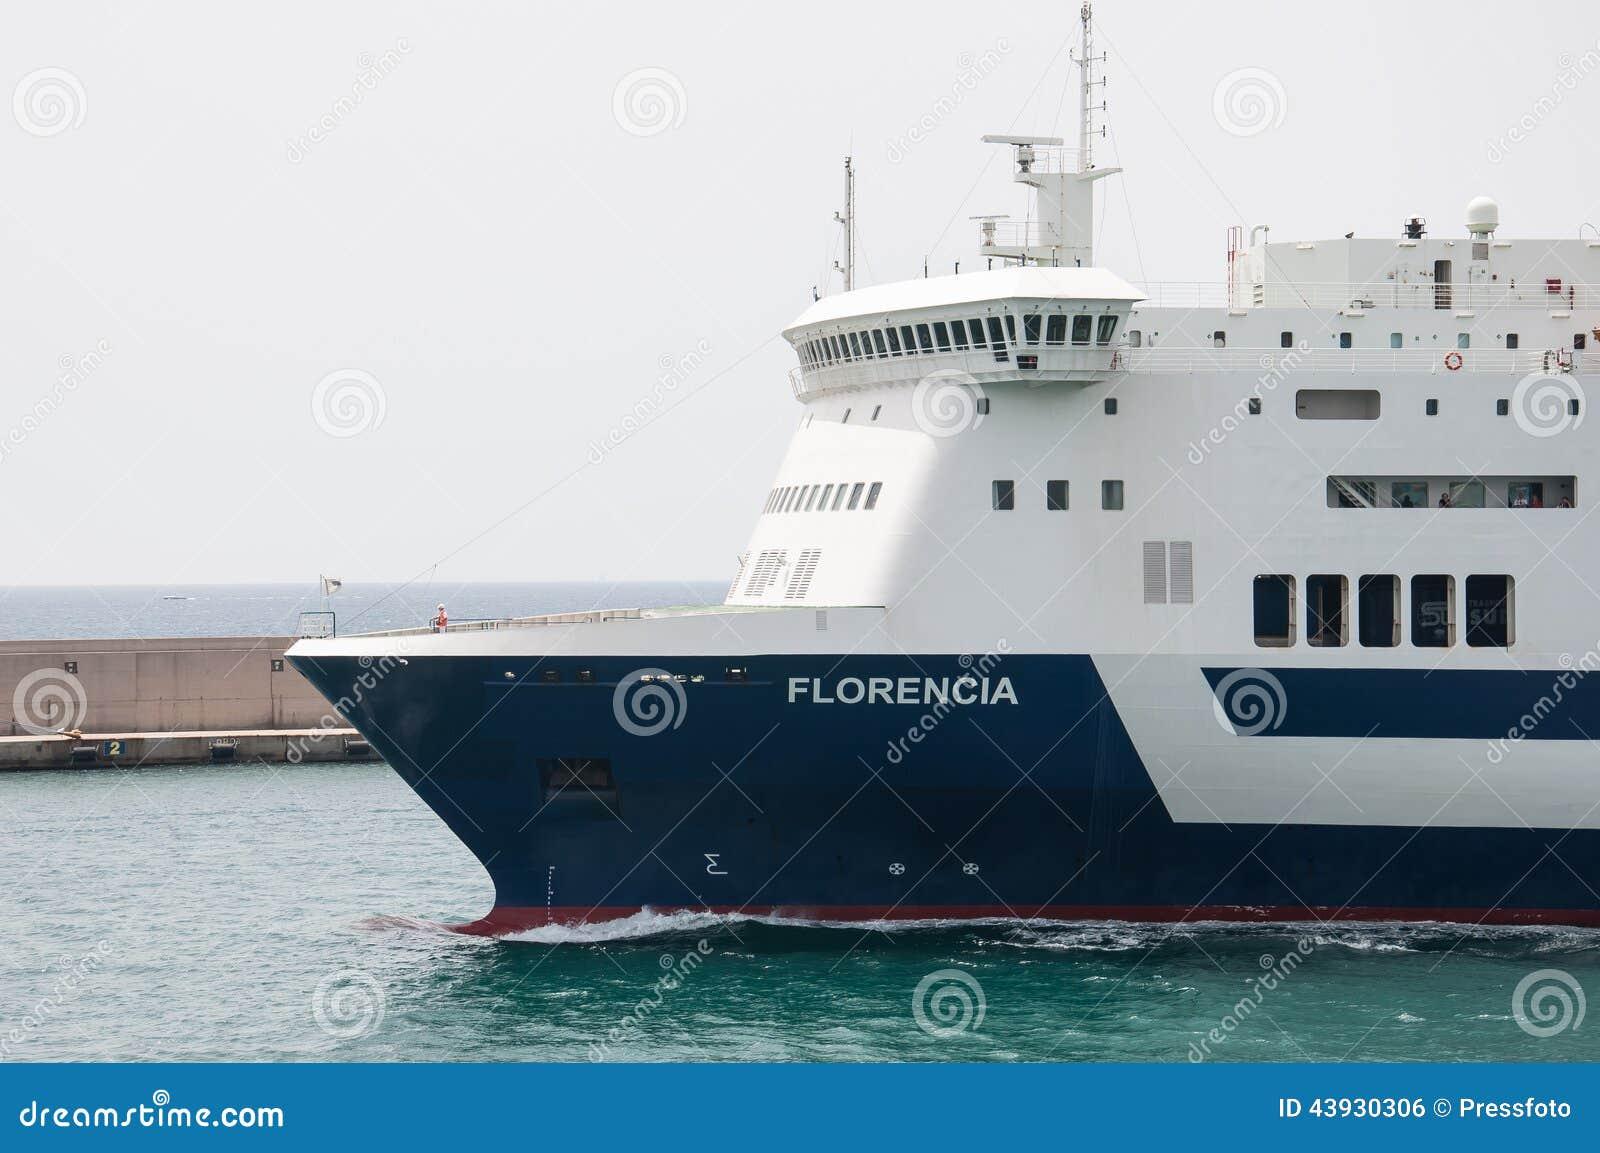 Florencia Ferry